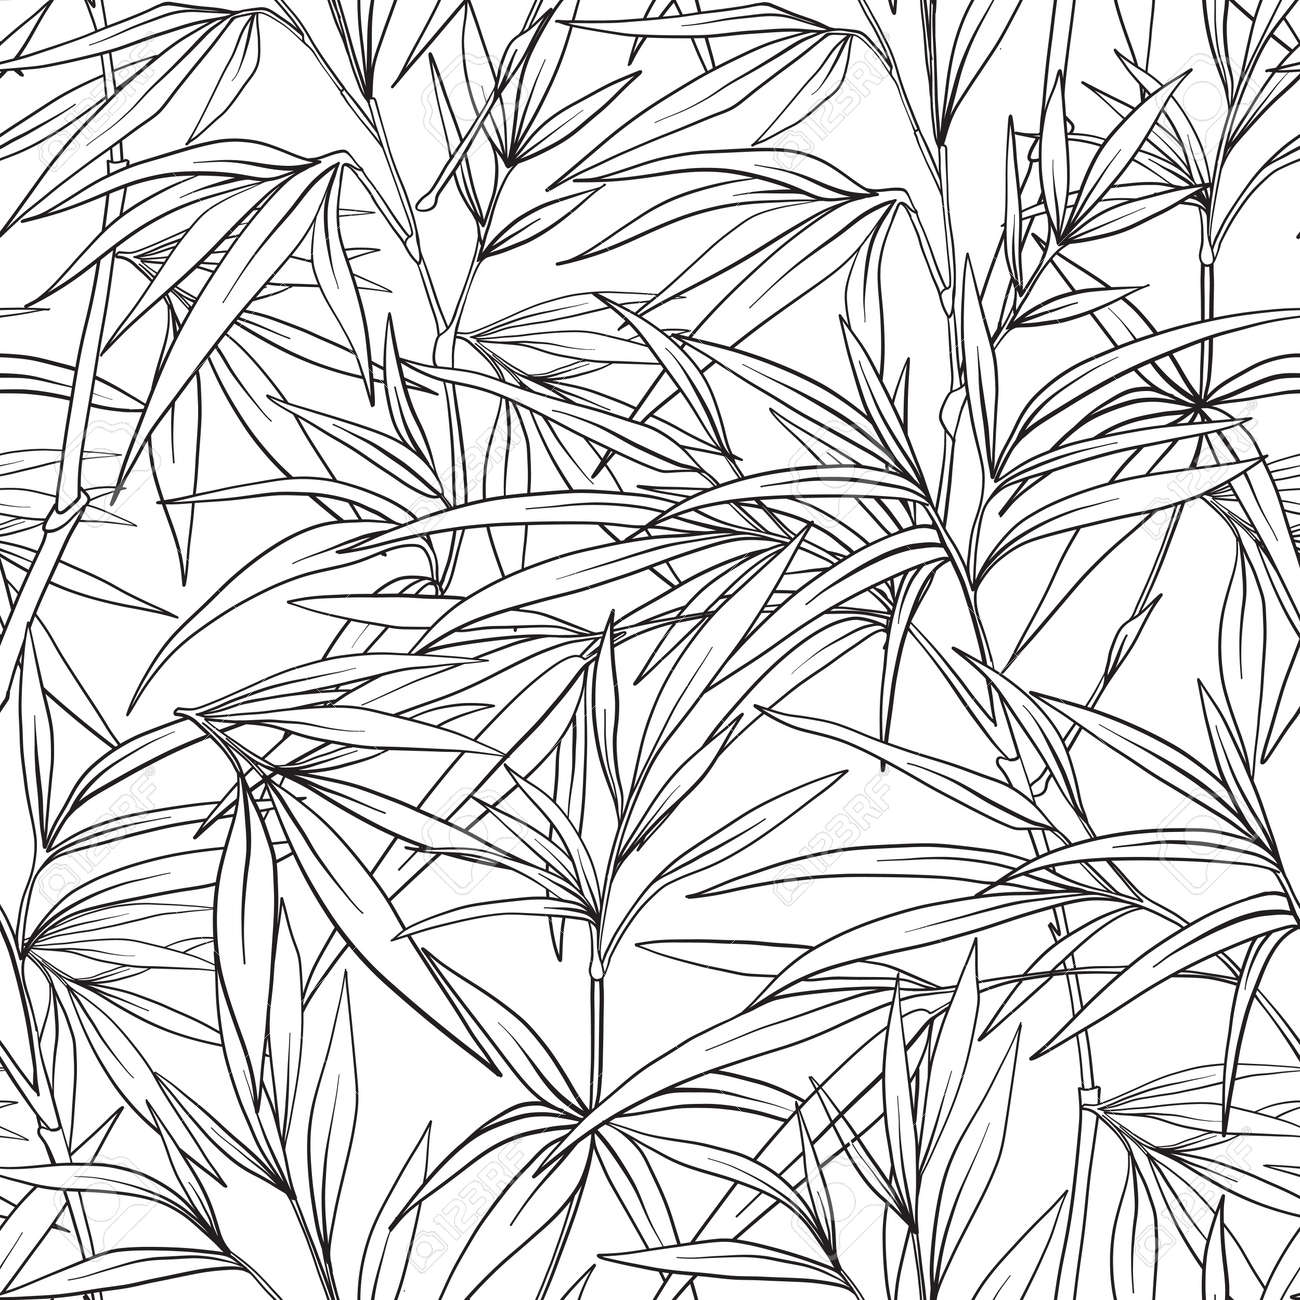 Patrón Sin Fisuras Con Bambú En Estilo Japonés. Dibujo De Dibujo ...